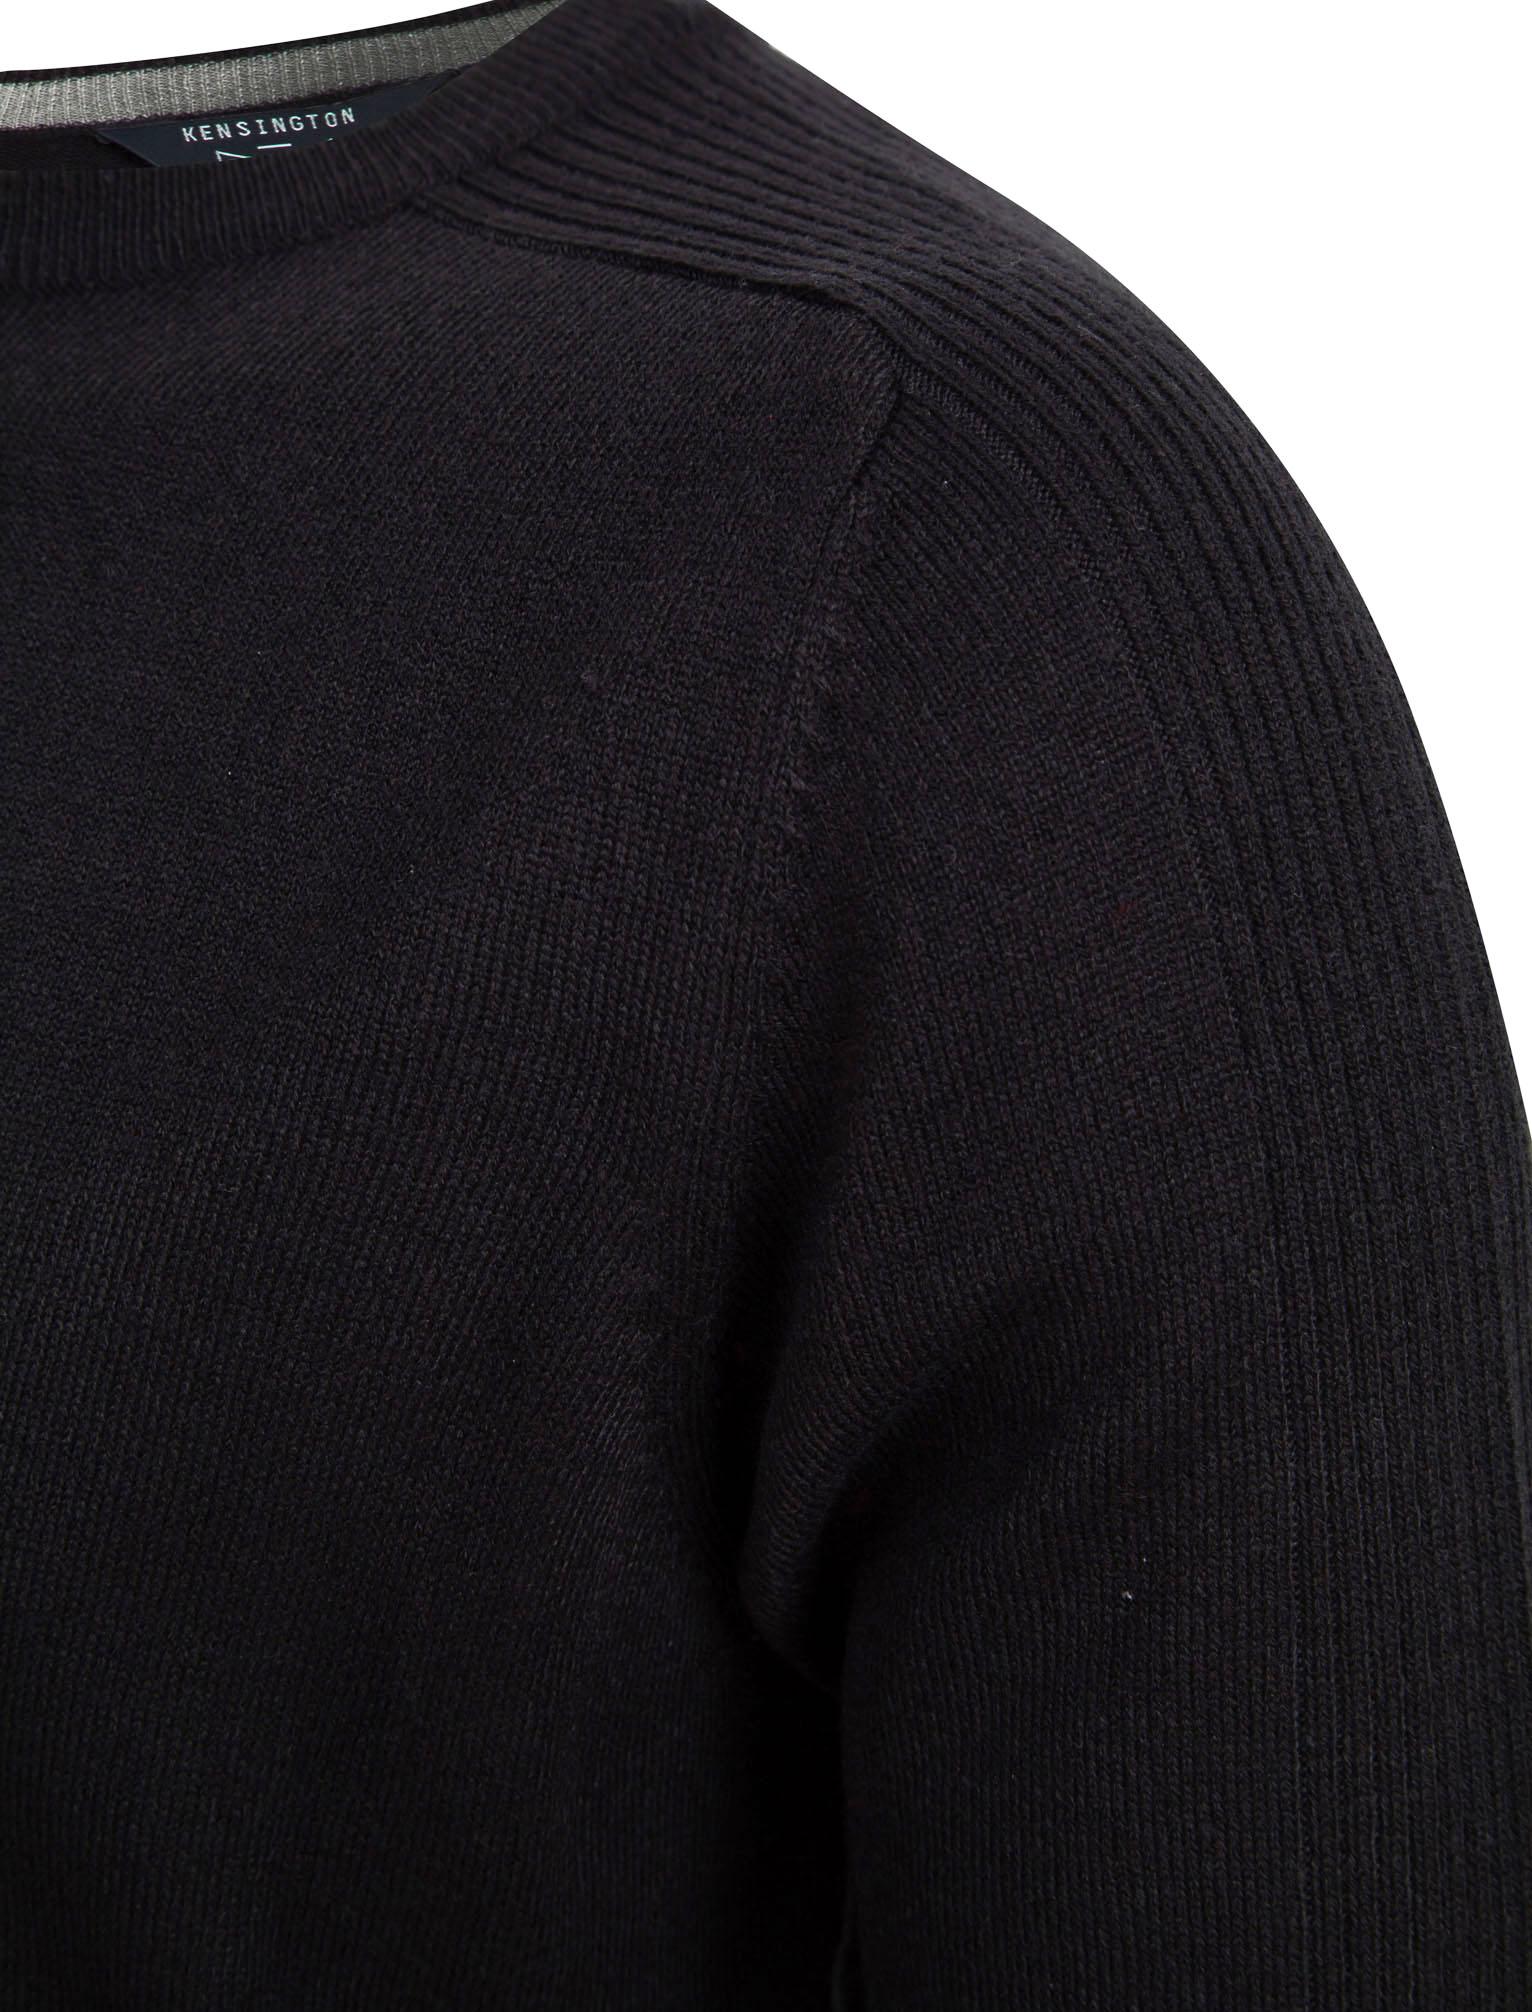 Kensington-Eastside-Men-039-s-Knitted-Crew-or-V-Neck-Jumper-Sweater-Top-Pullover thumbnail 66